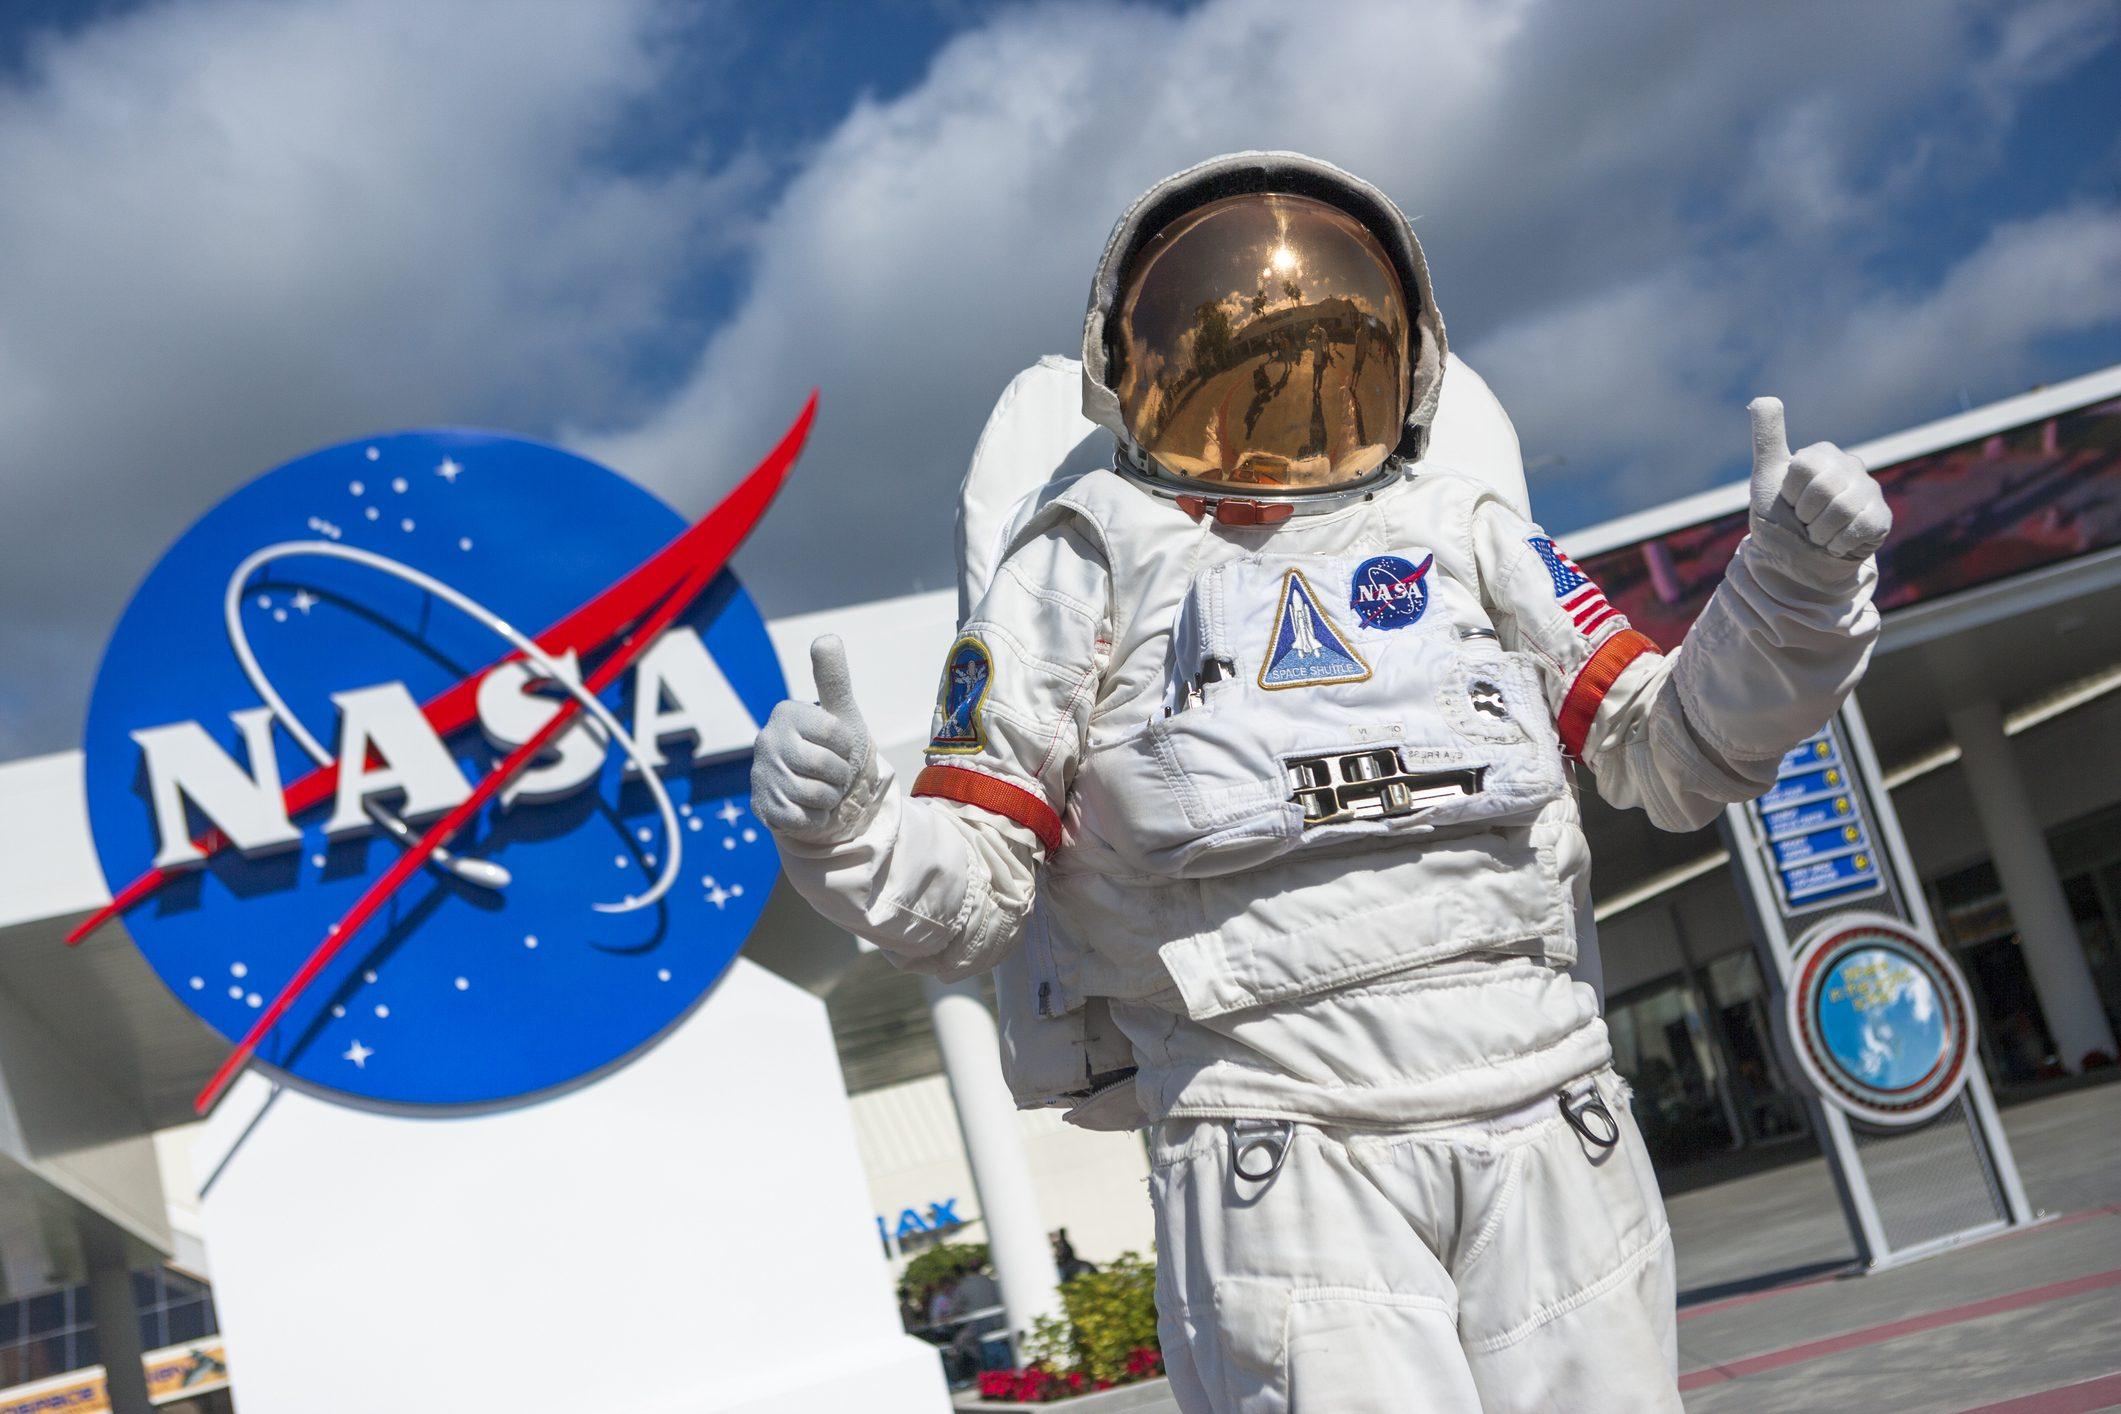 La Nasa cerca il cibo del futuro per lo spazio: 500 mila dollari all'inventore